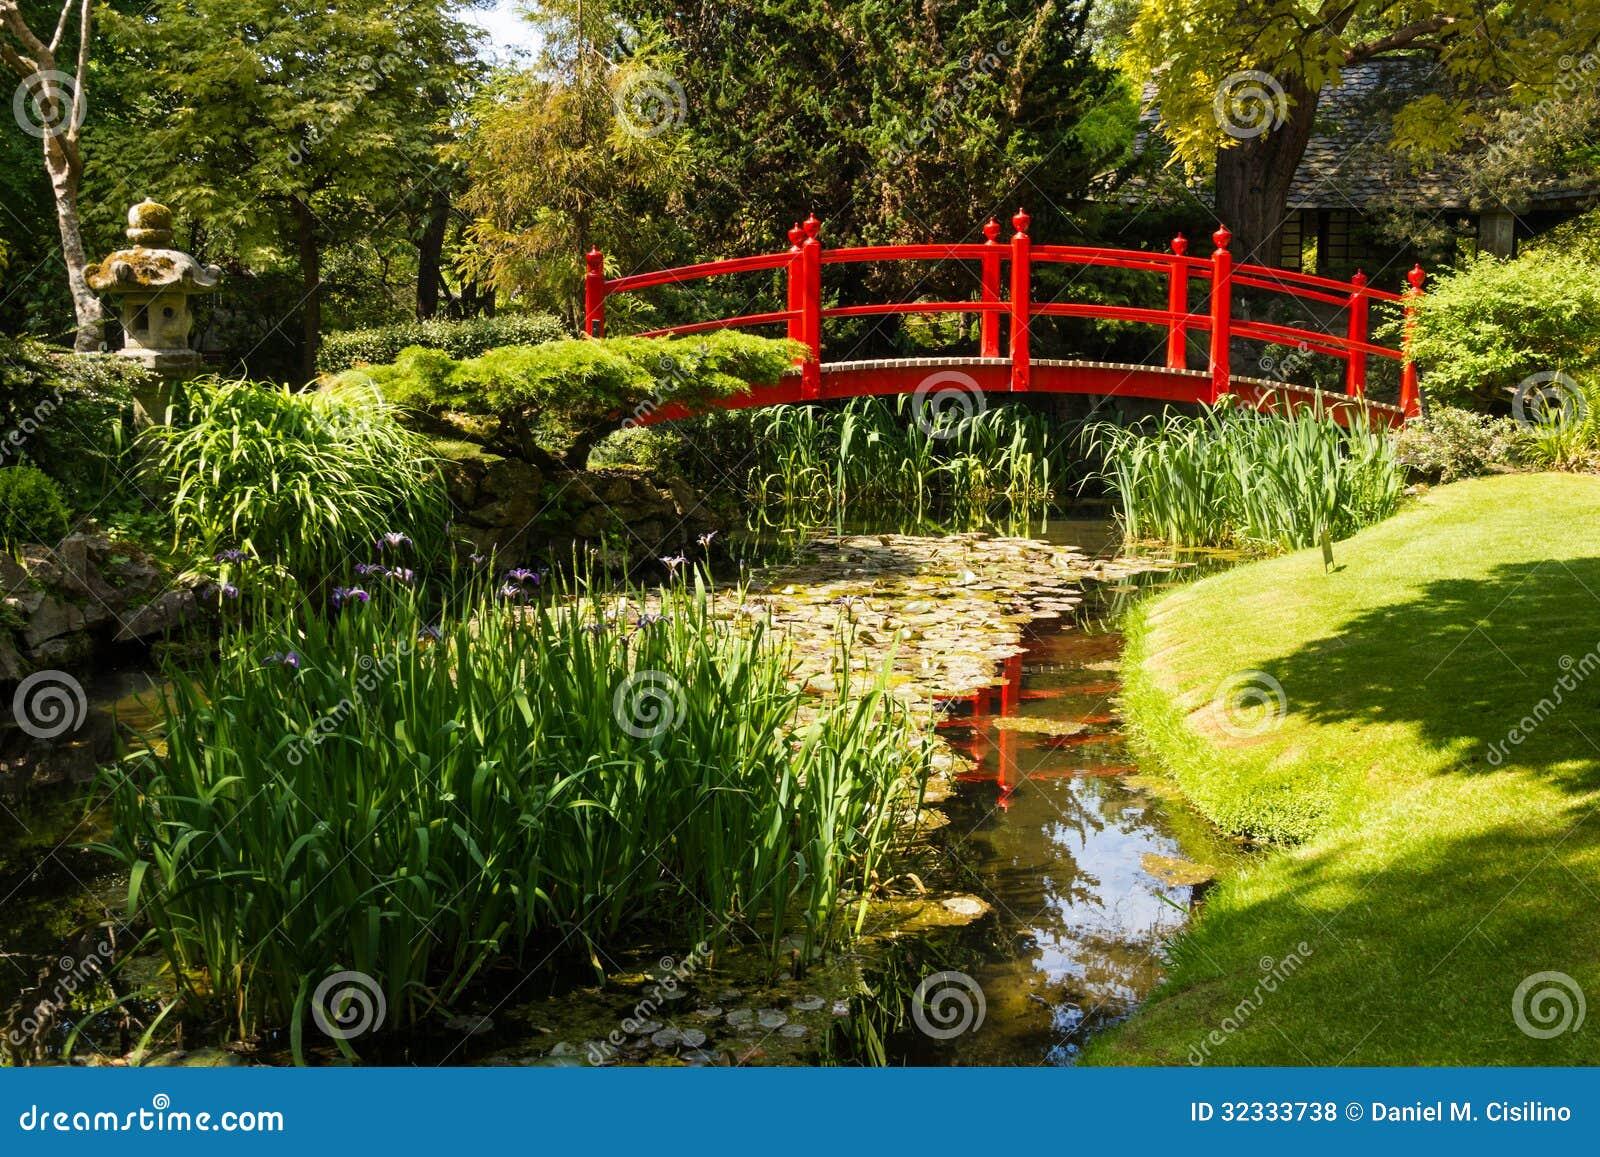 红色桥梁。爱尔兰全国螺柱的日本庭院。基尔代尔。爱尔兰